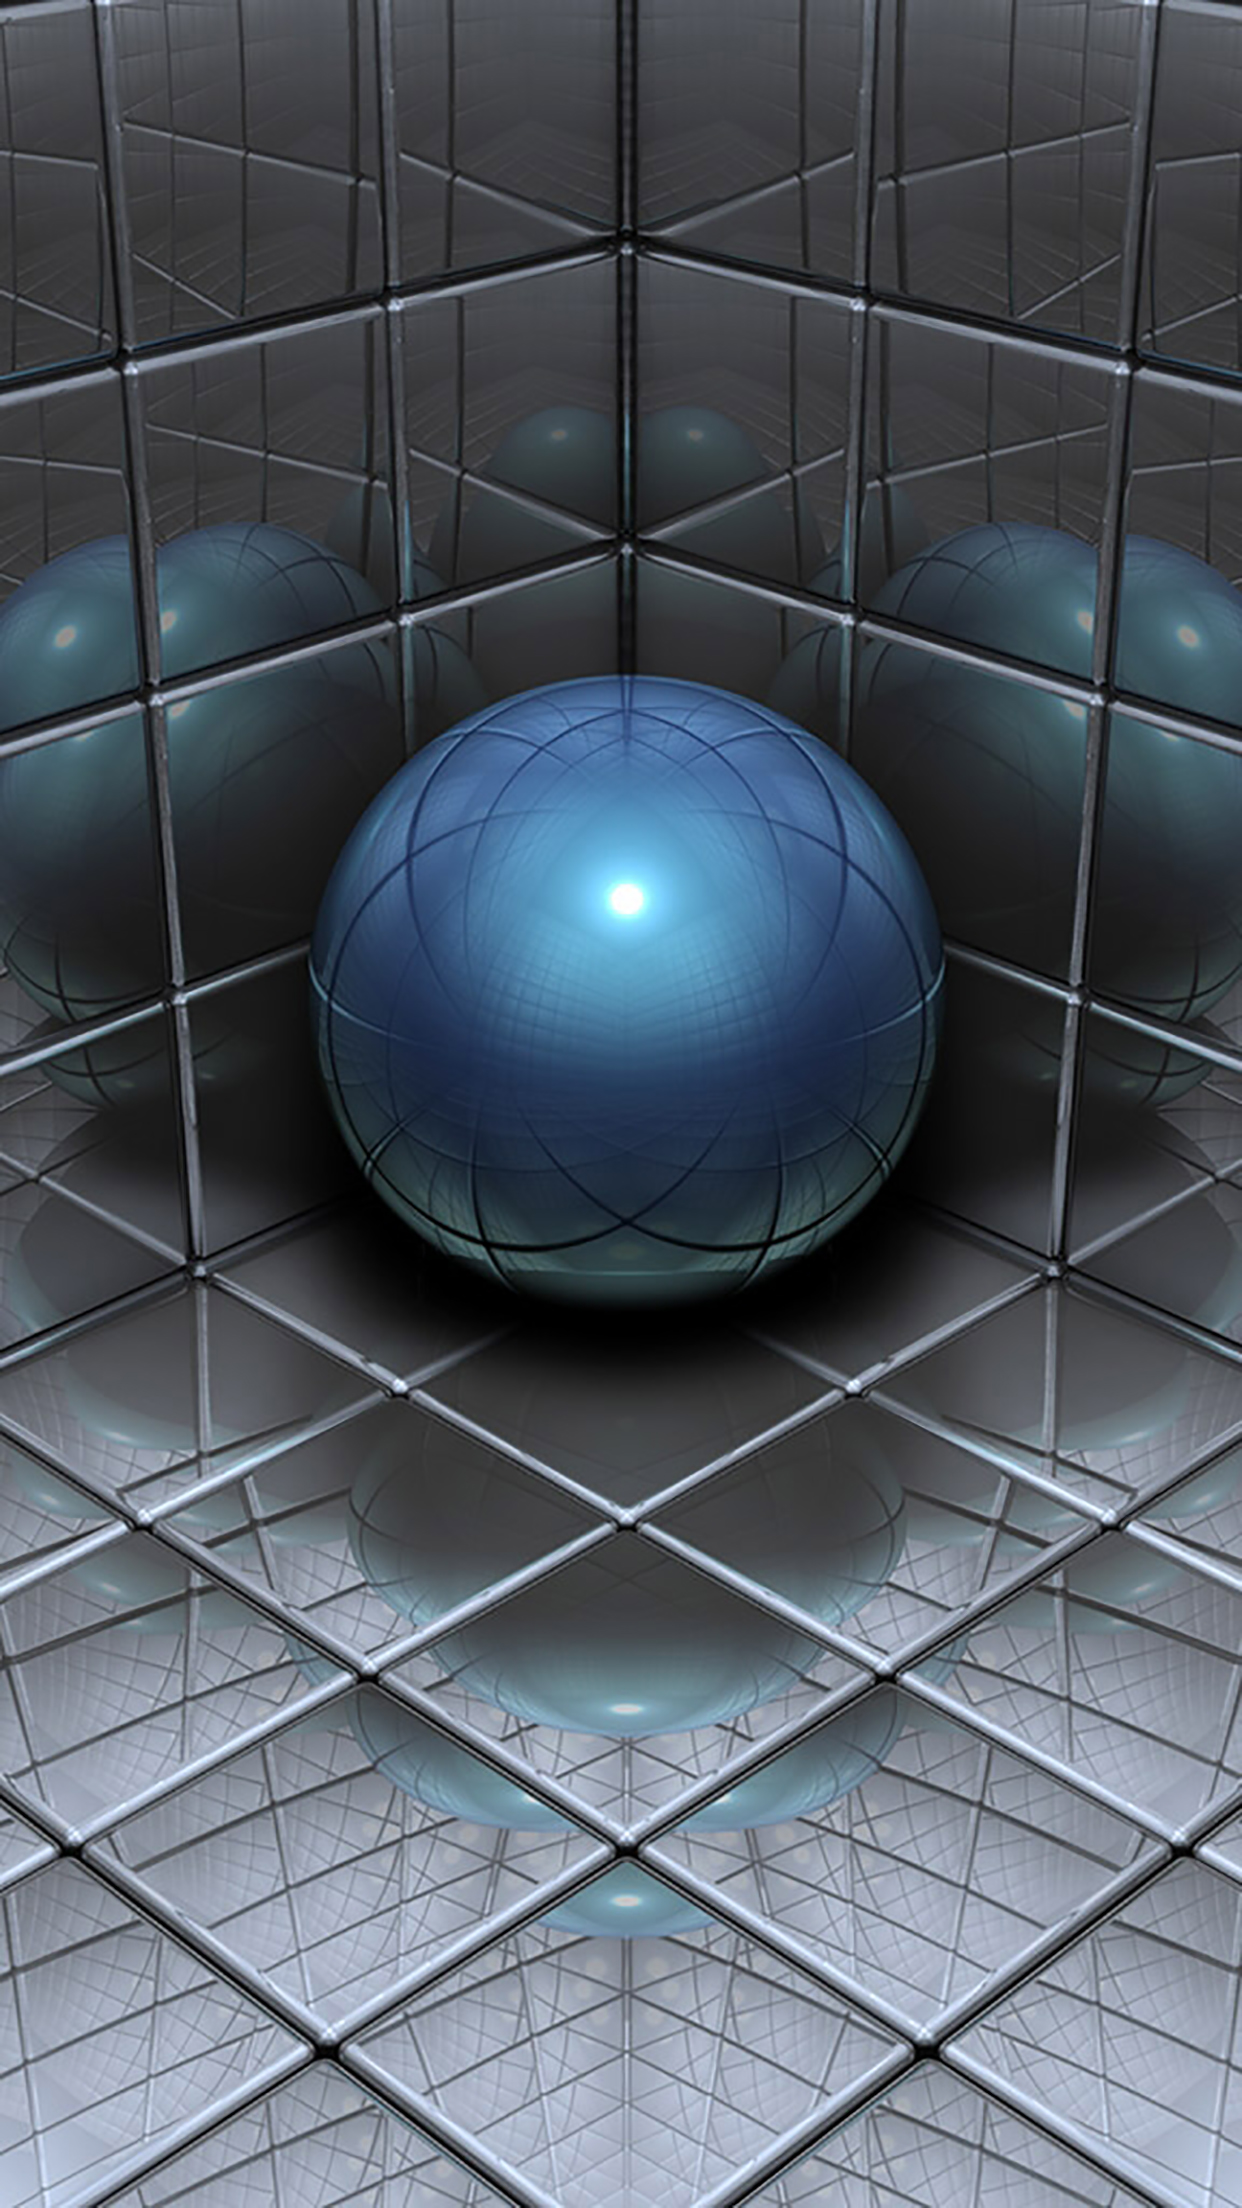 Metal Ball Reflet 3Wallpapers iPhone Parallax Metal Ball : Reflet